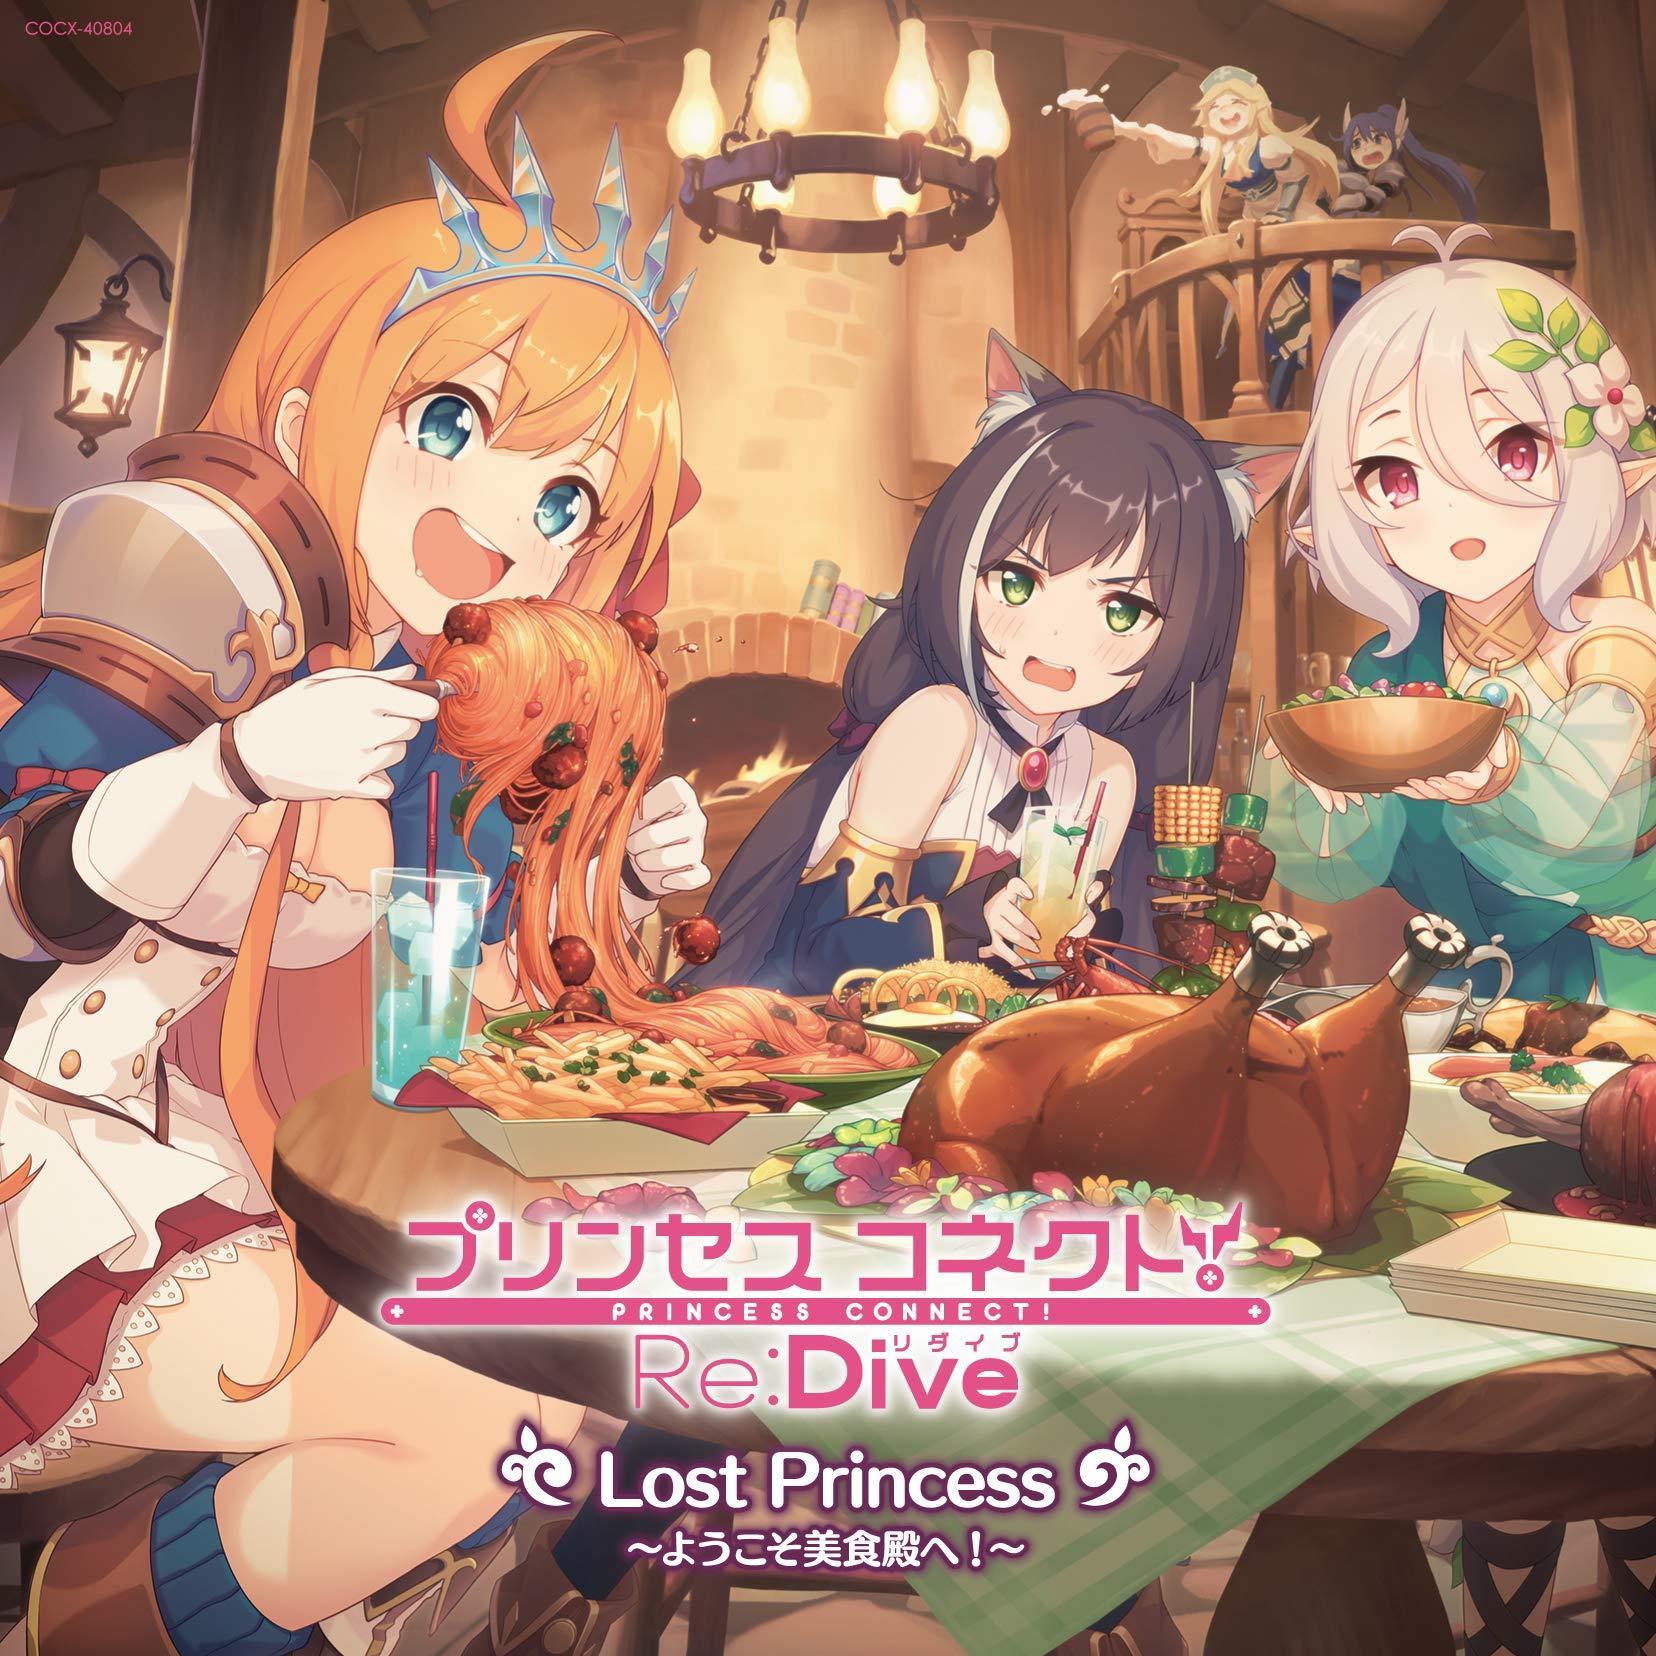 プリンセスコネクト! Re:Dive Lost Princess ~ようこそ美食殿へ! ~(デカジャケ&ジャケ絵柄ステッカー付)